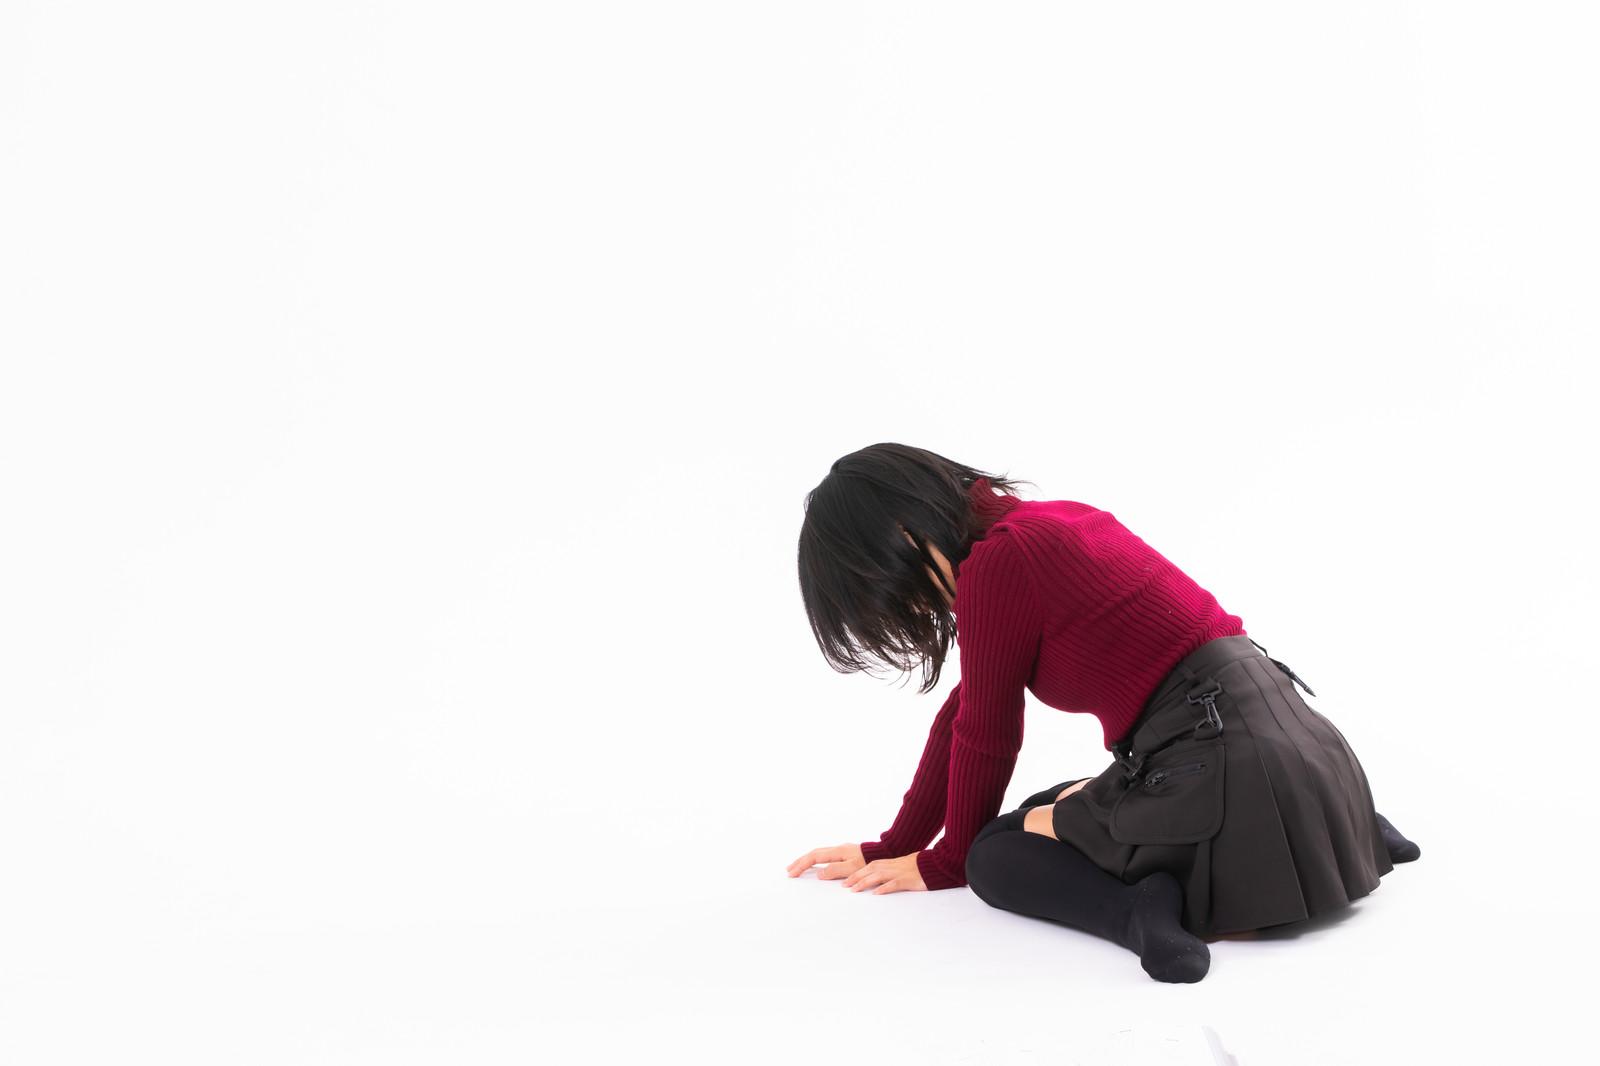 「静岡県湖西市 行方調査」心の支えであった方を探して